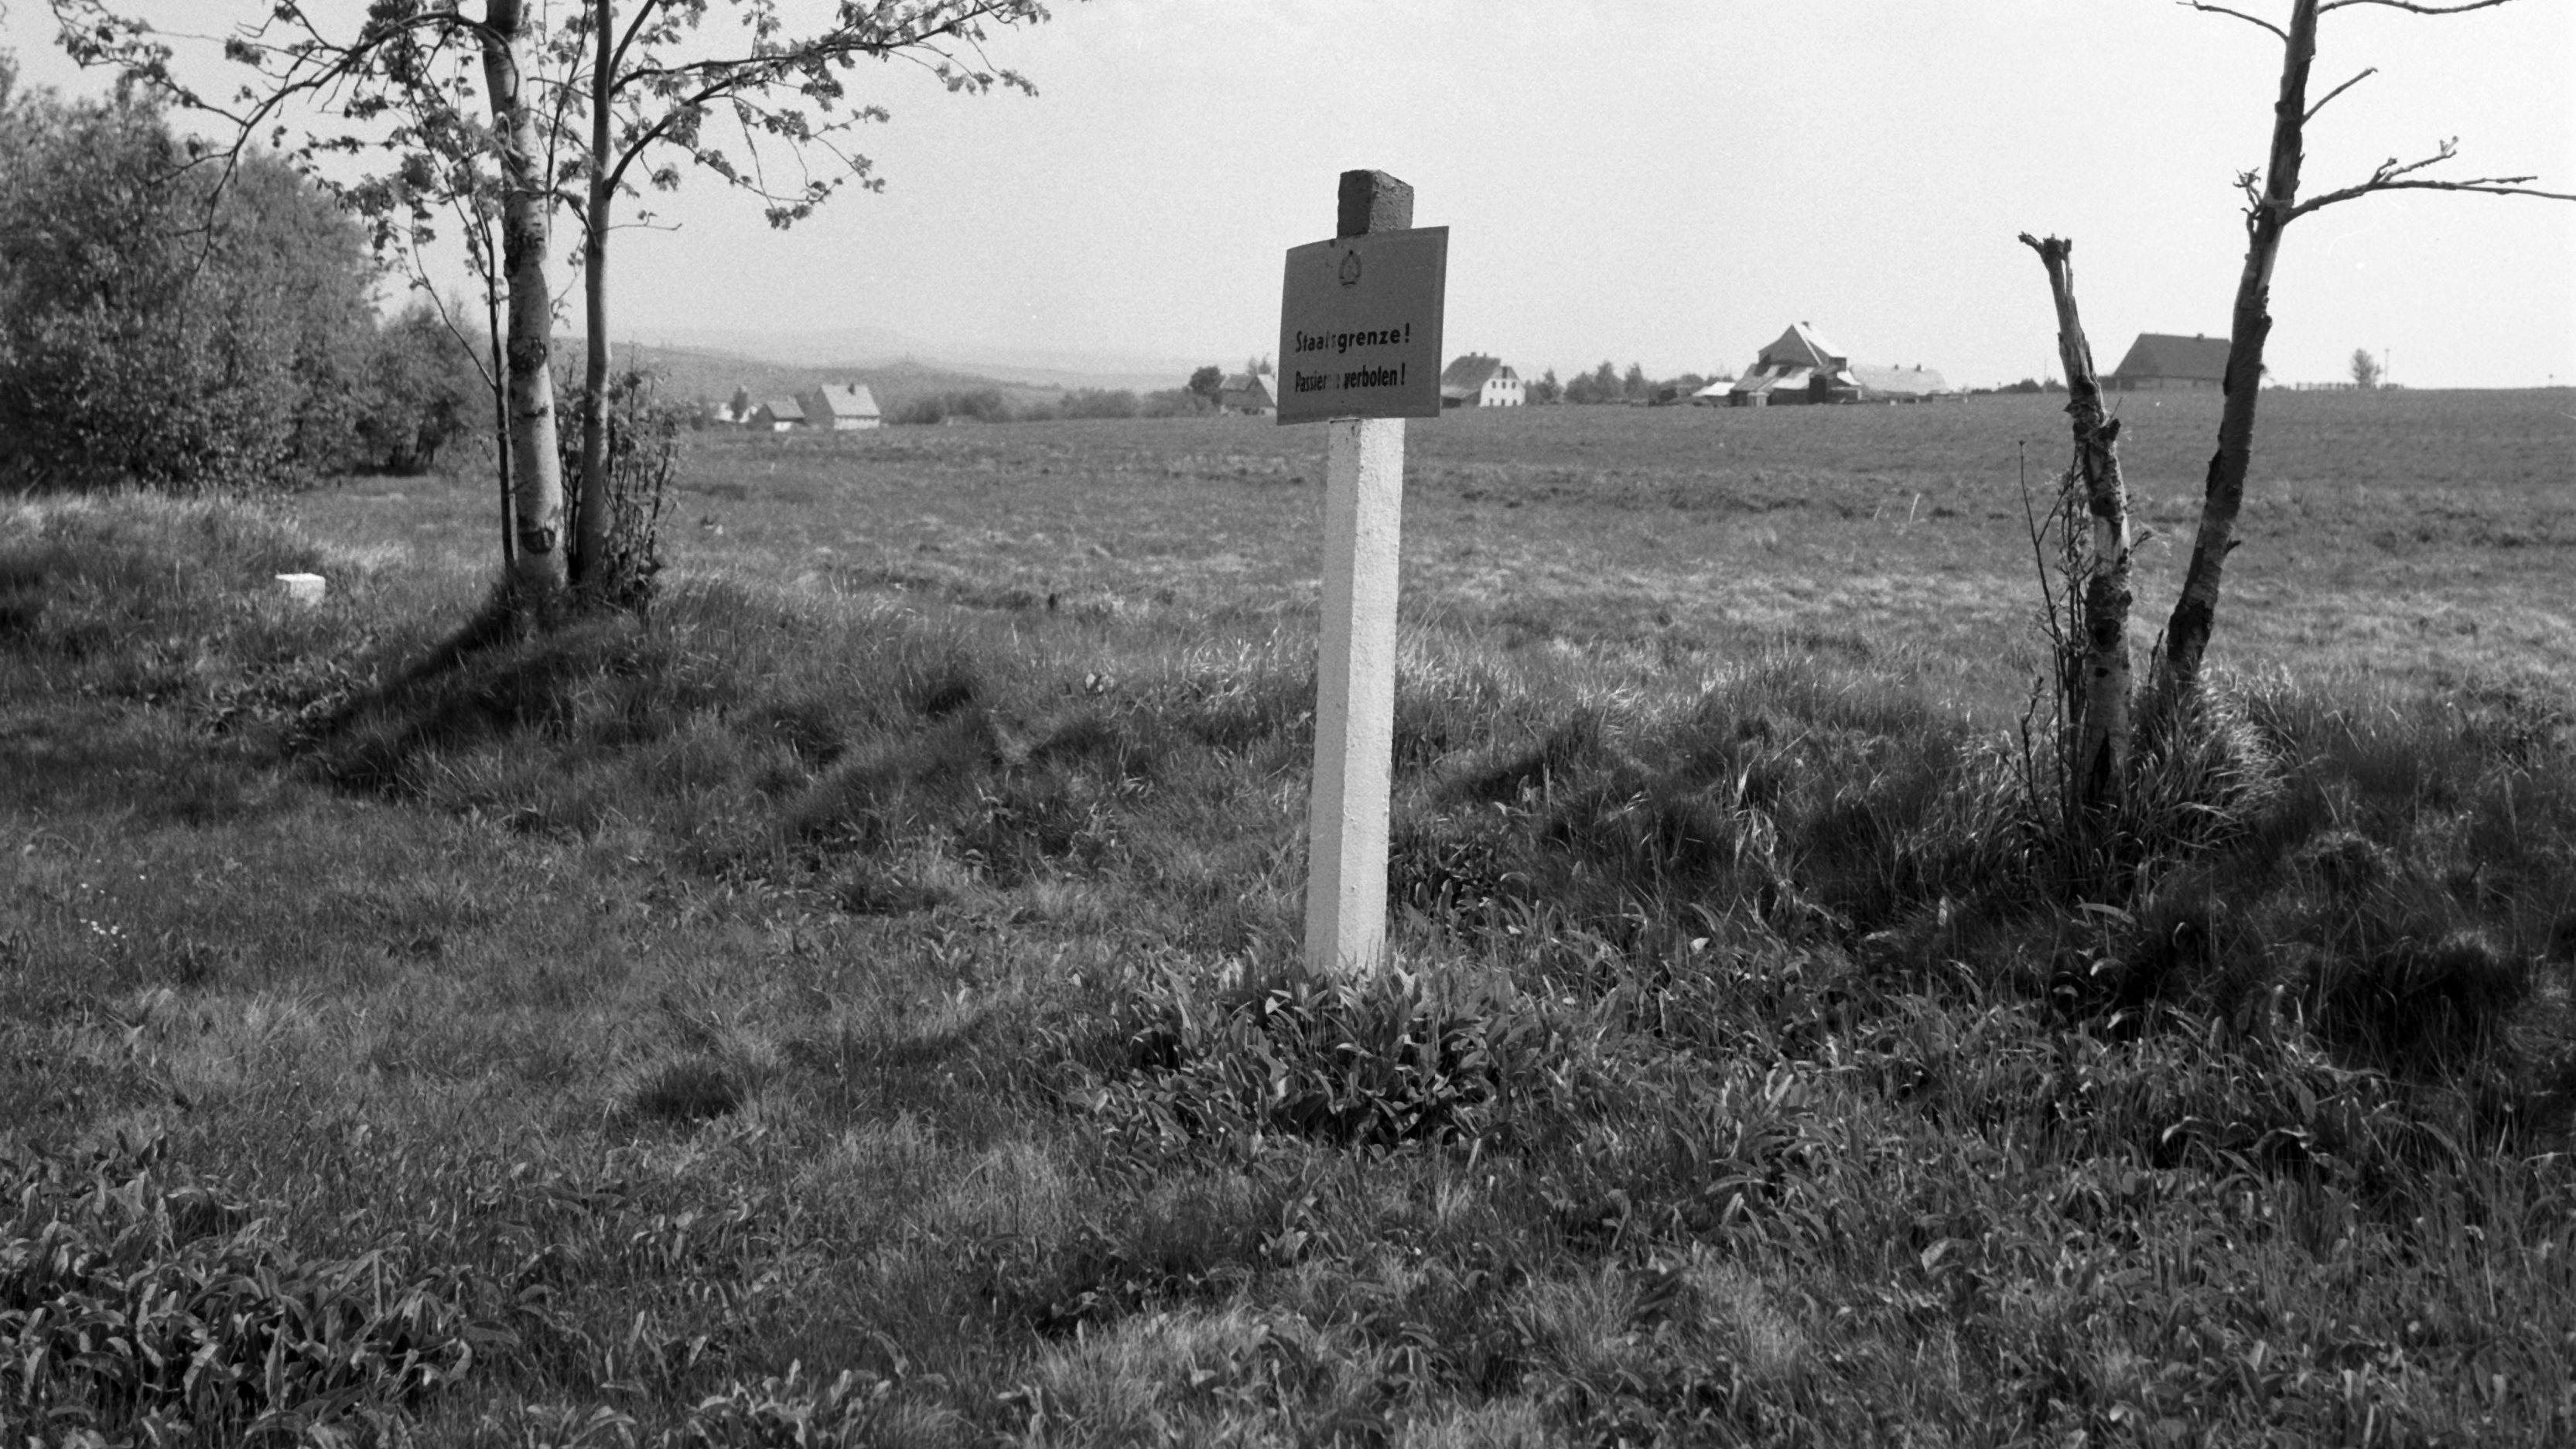 """Die deutsch-tschechoslowakische Grenze im Jahr 1990. Auf dem Schild steht: """"Staatsgrenze - Betreten verboten!"""""""